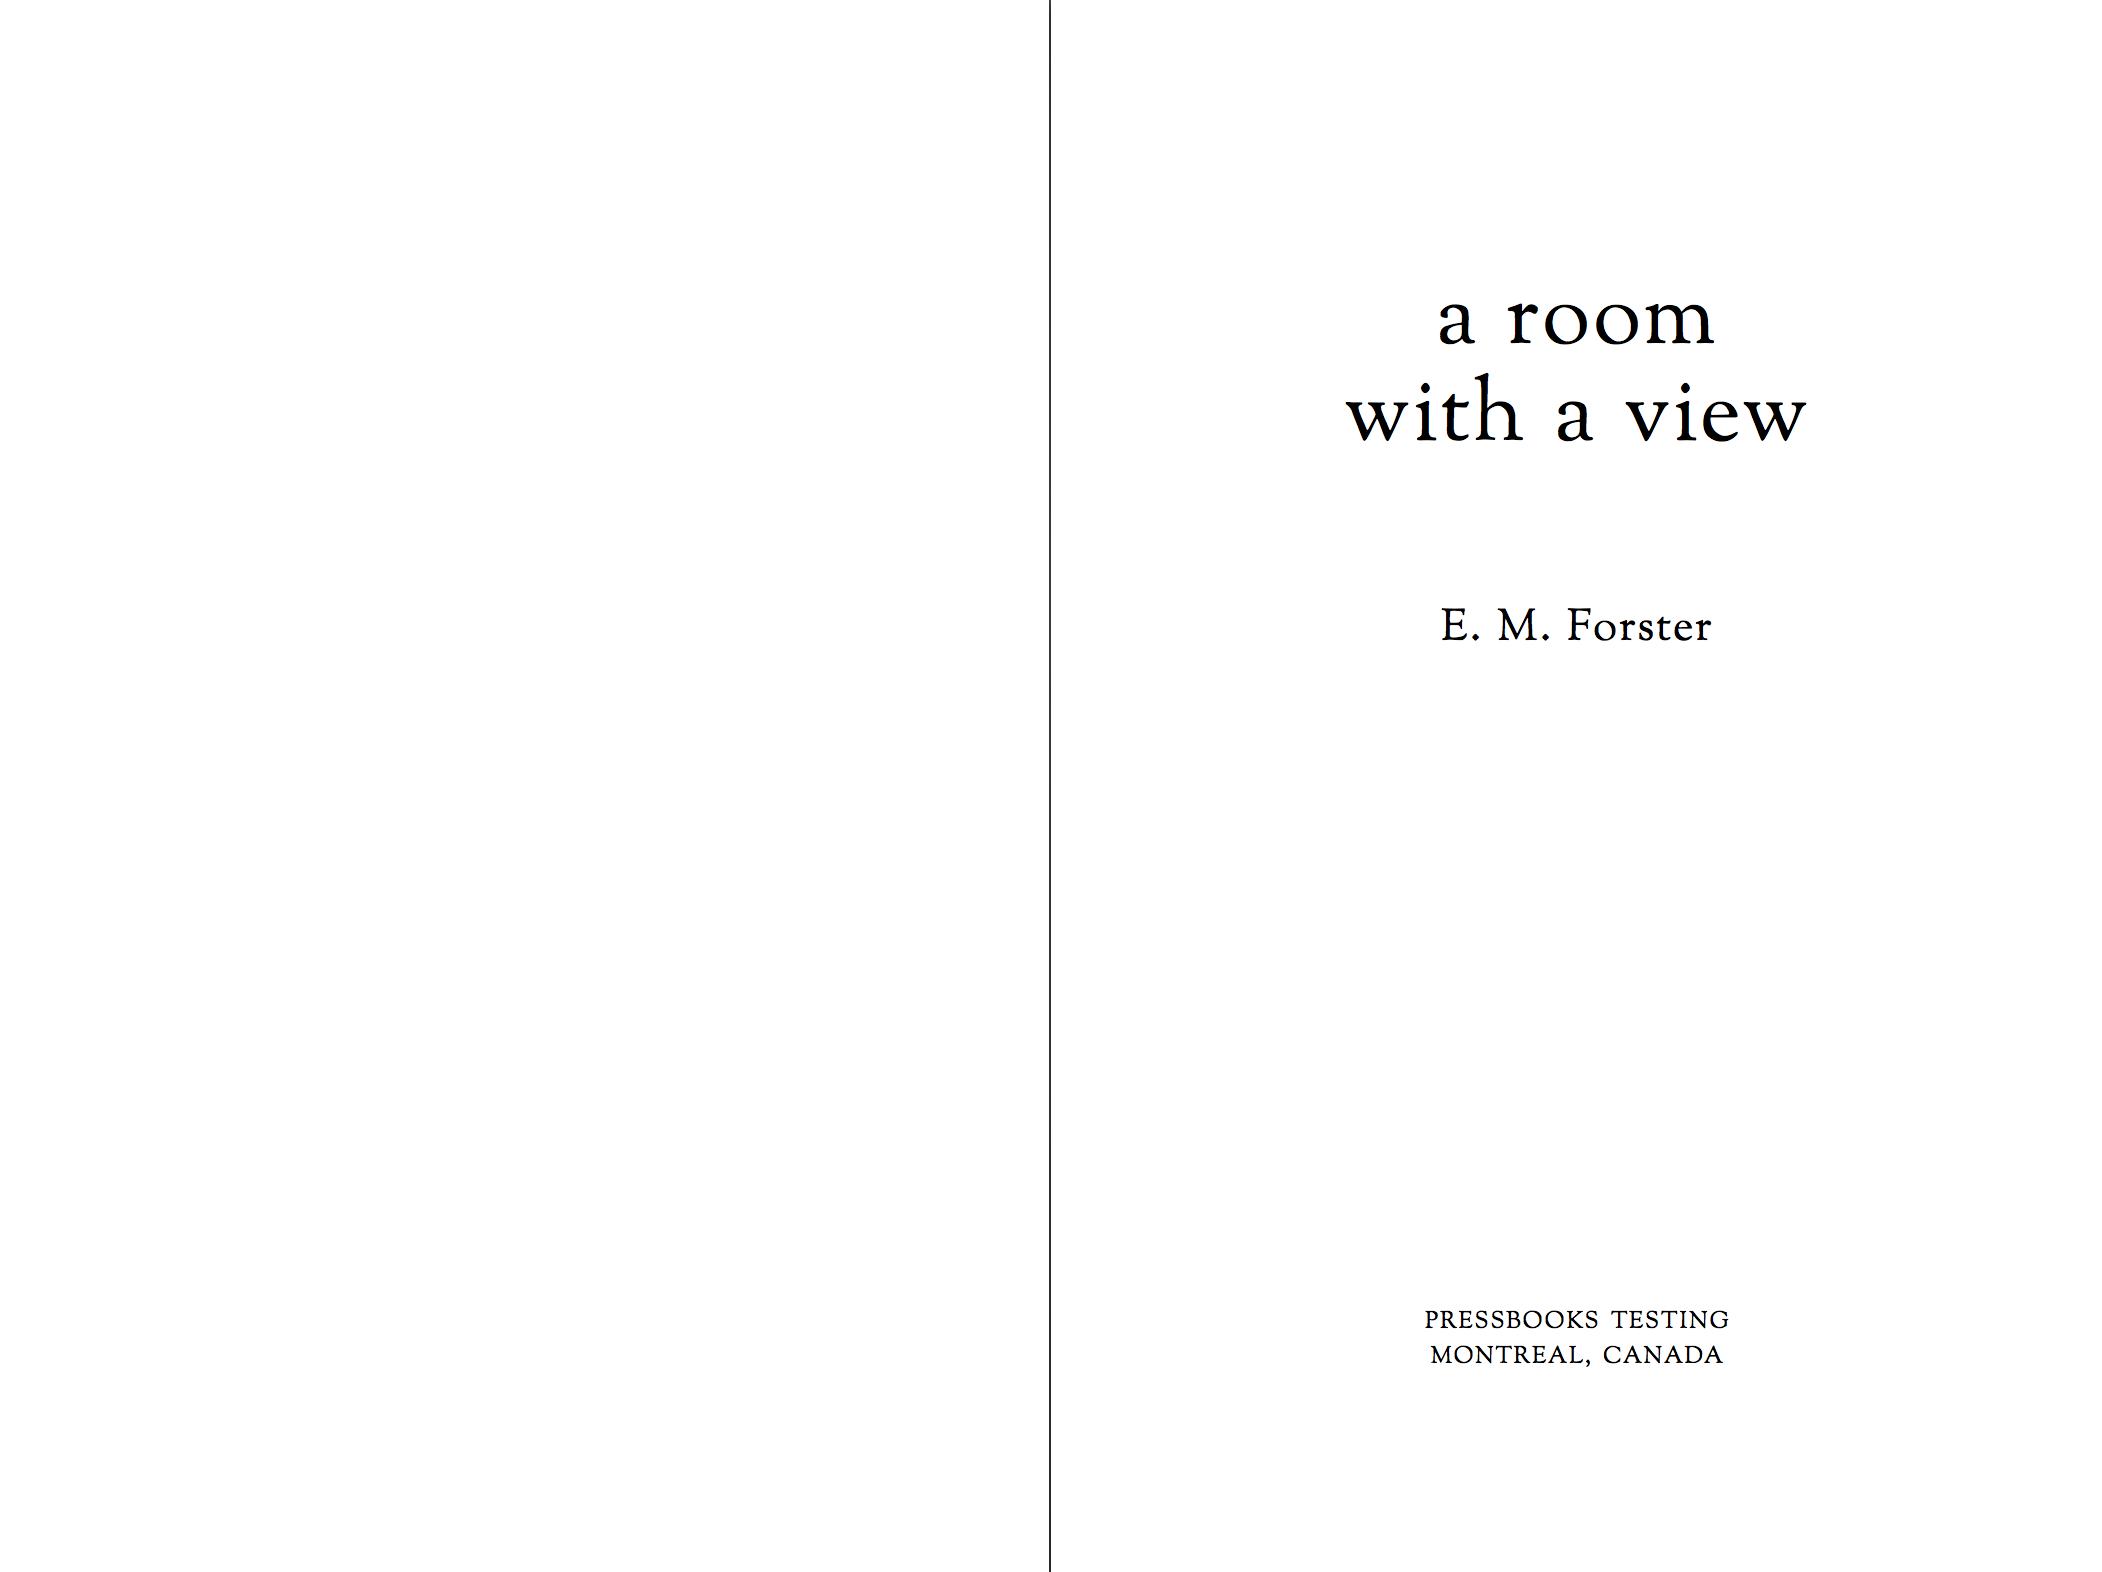 Morrison PDF 1